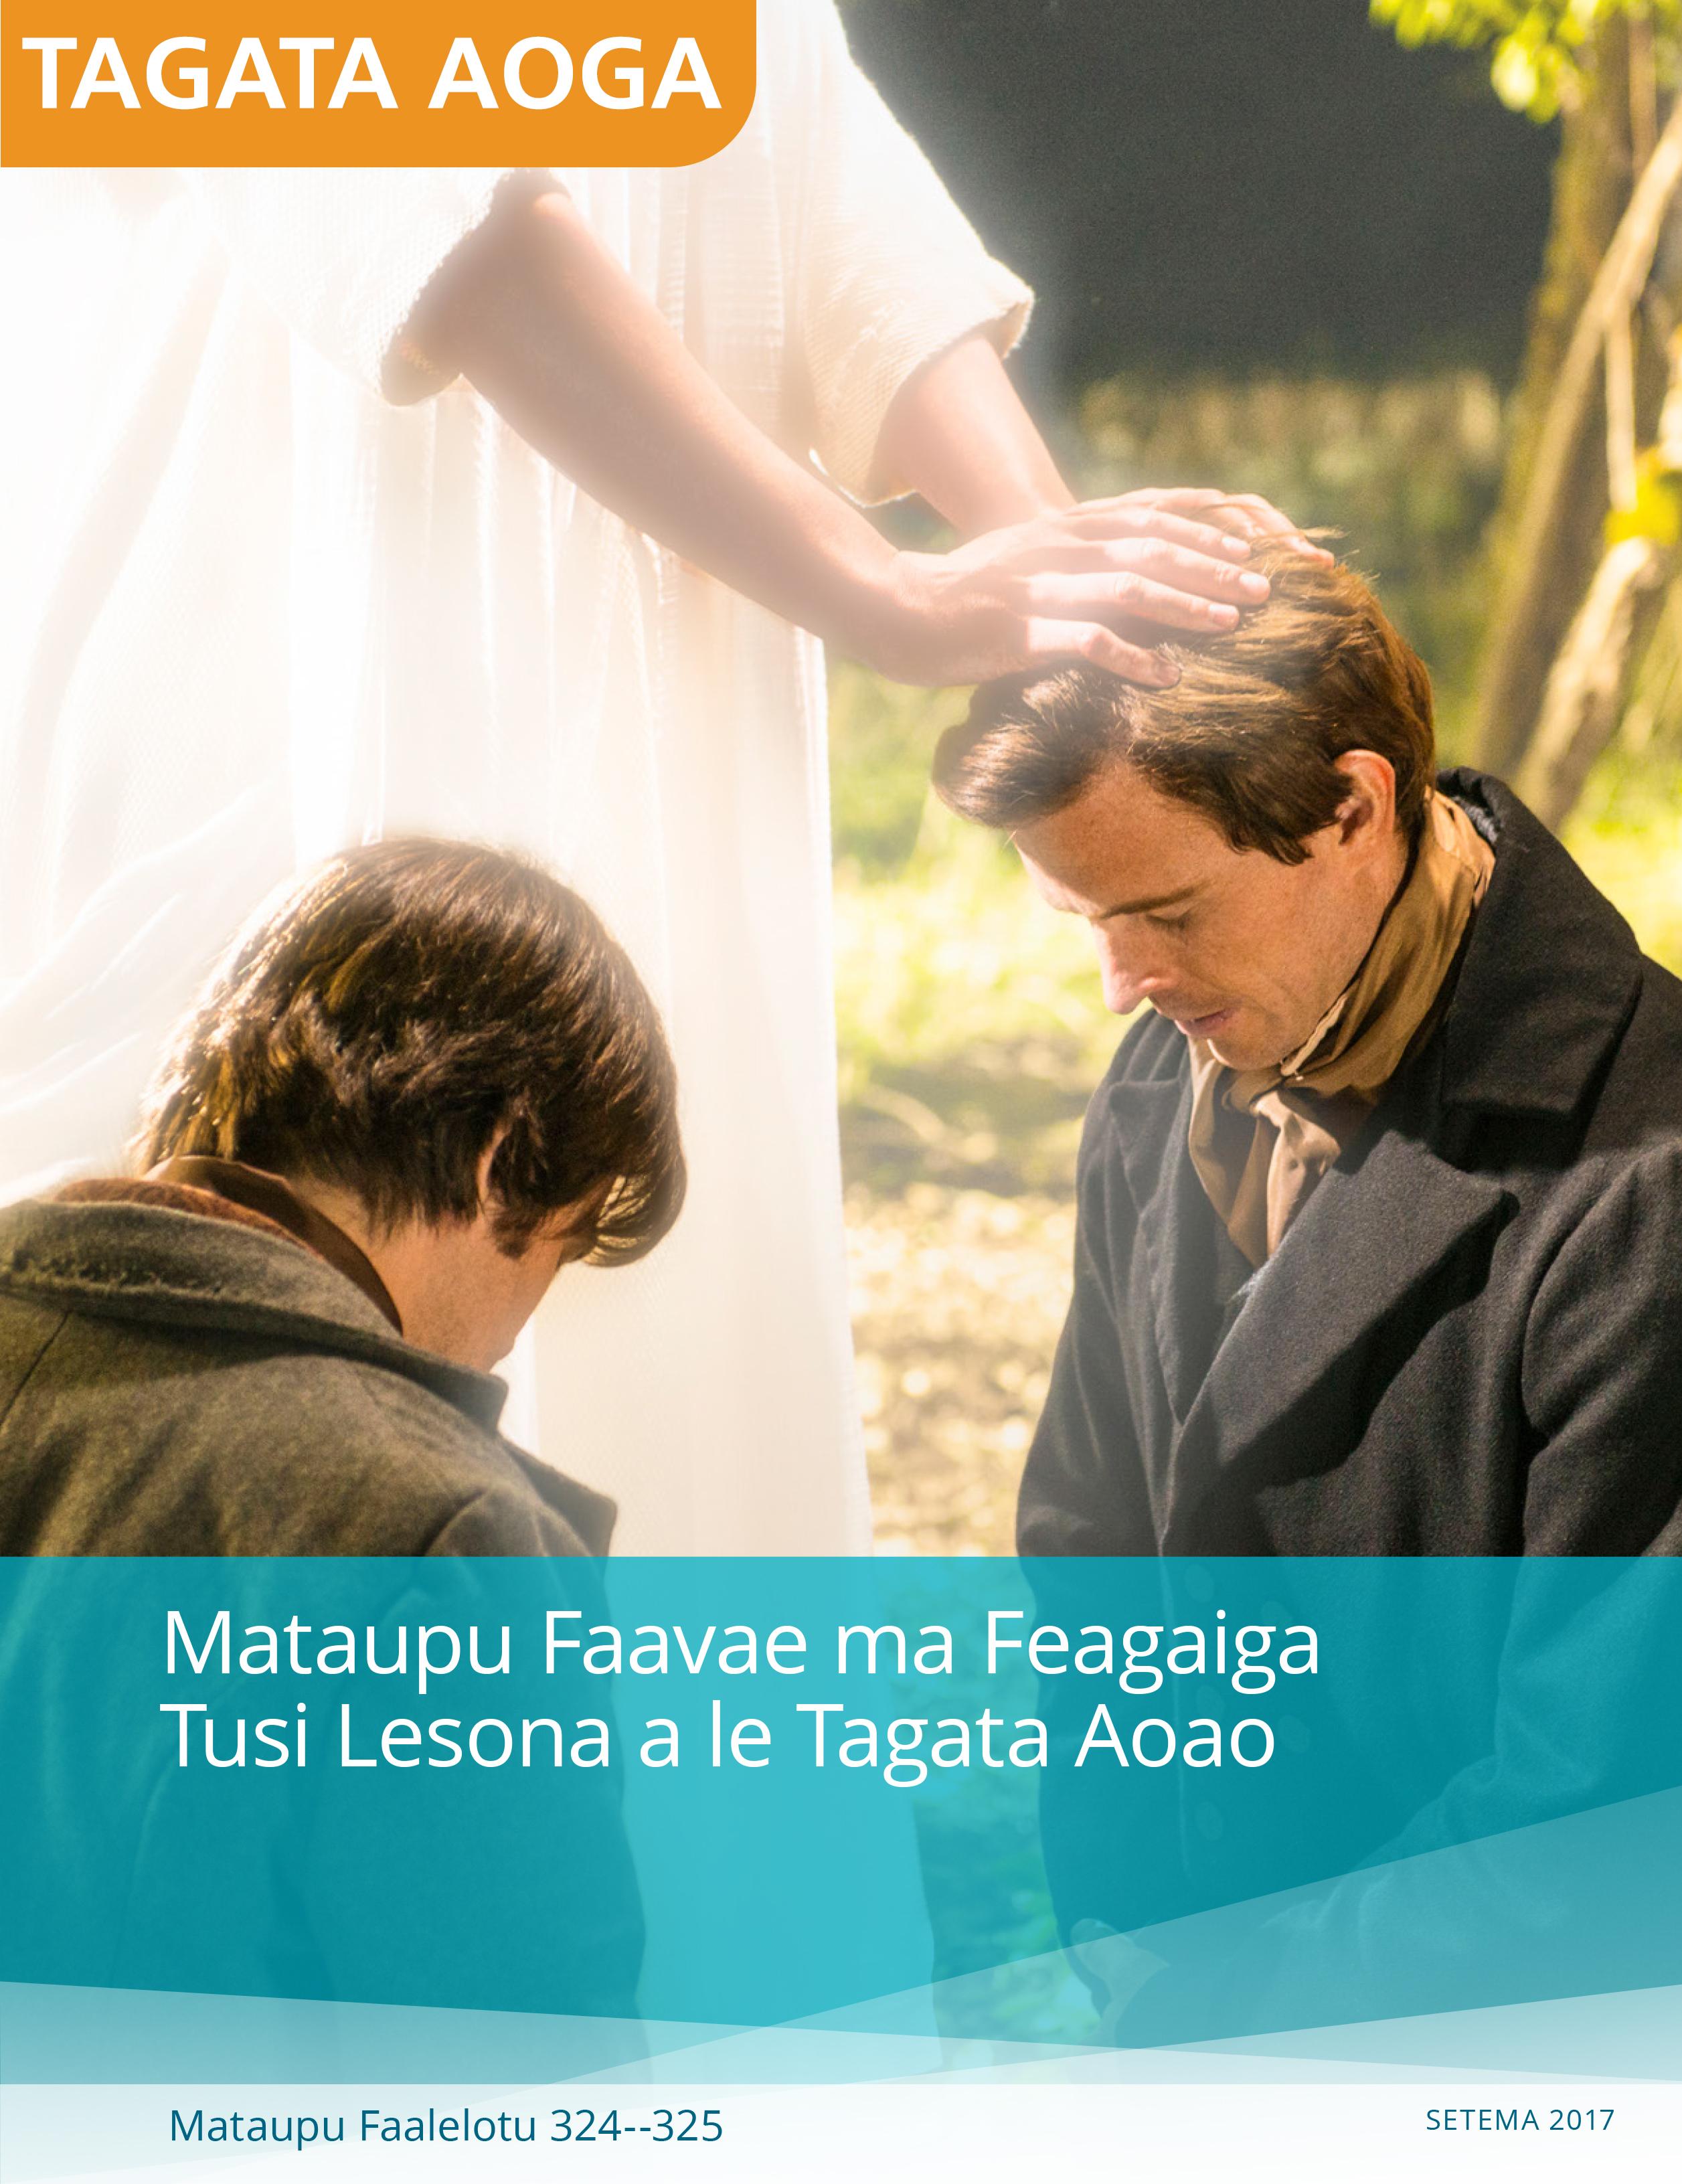 Mataupu Faavae ma Feagaiga Tusi Lesona a le Tagata Aoao